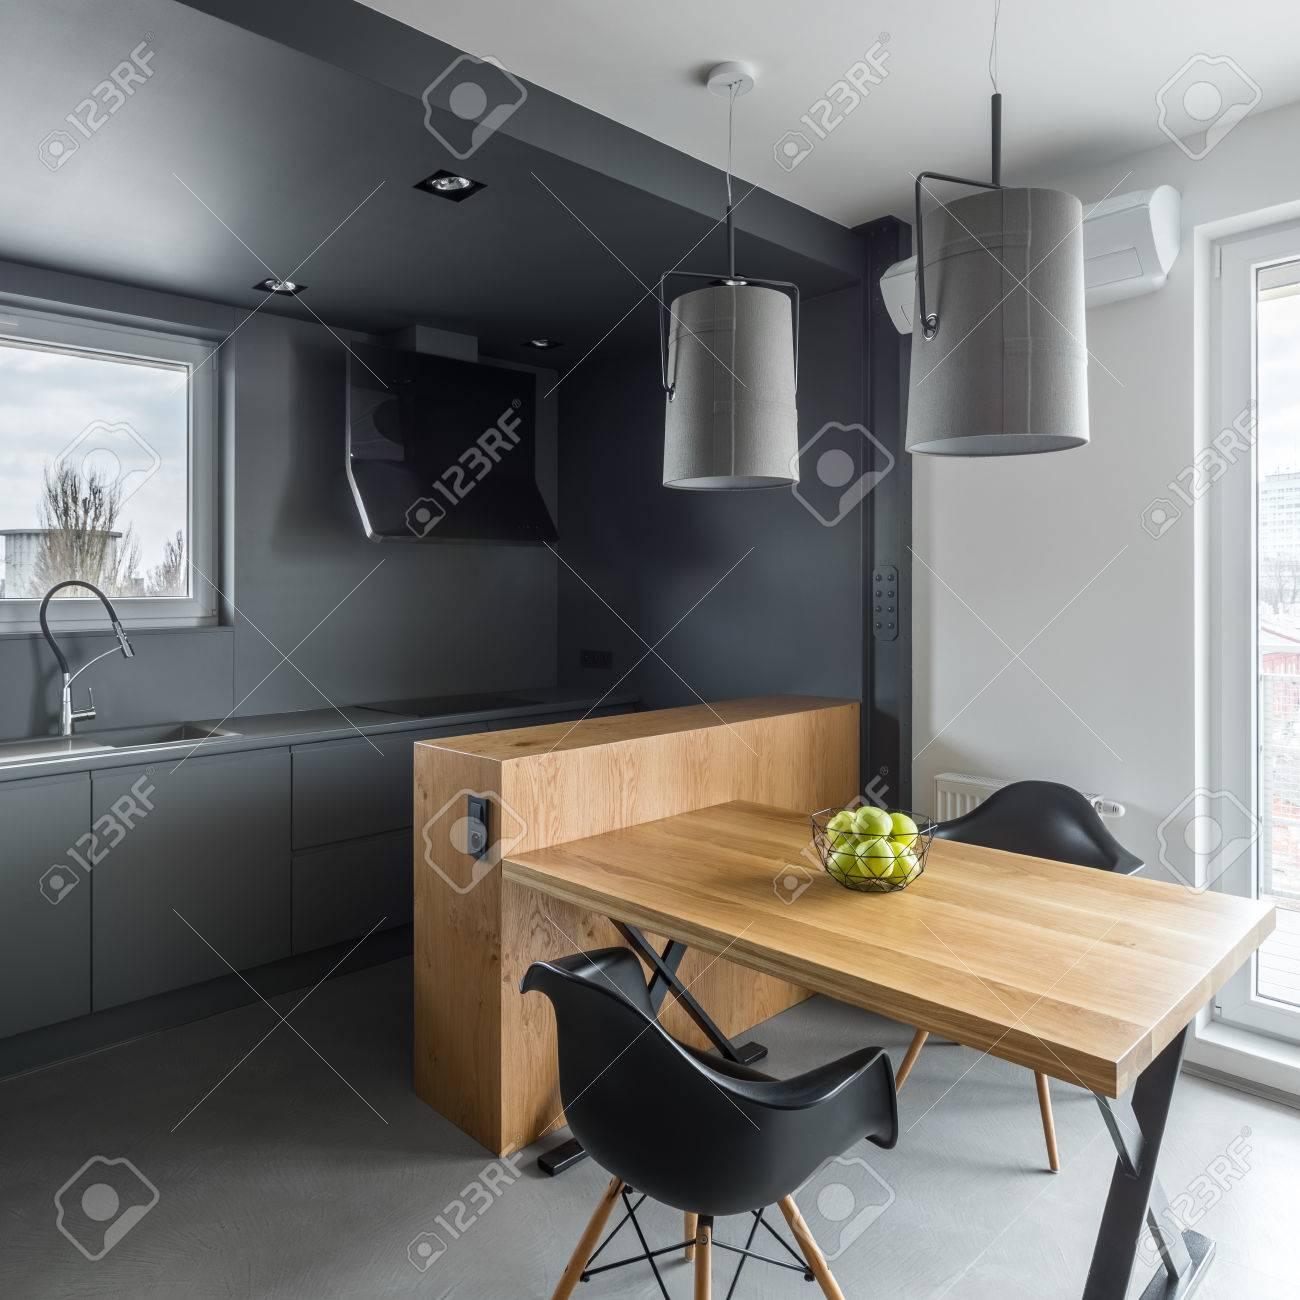 cuisine gris fonce avec ilot table en bois et chaises noires banque d images et photos libres de droits image 80025158